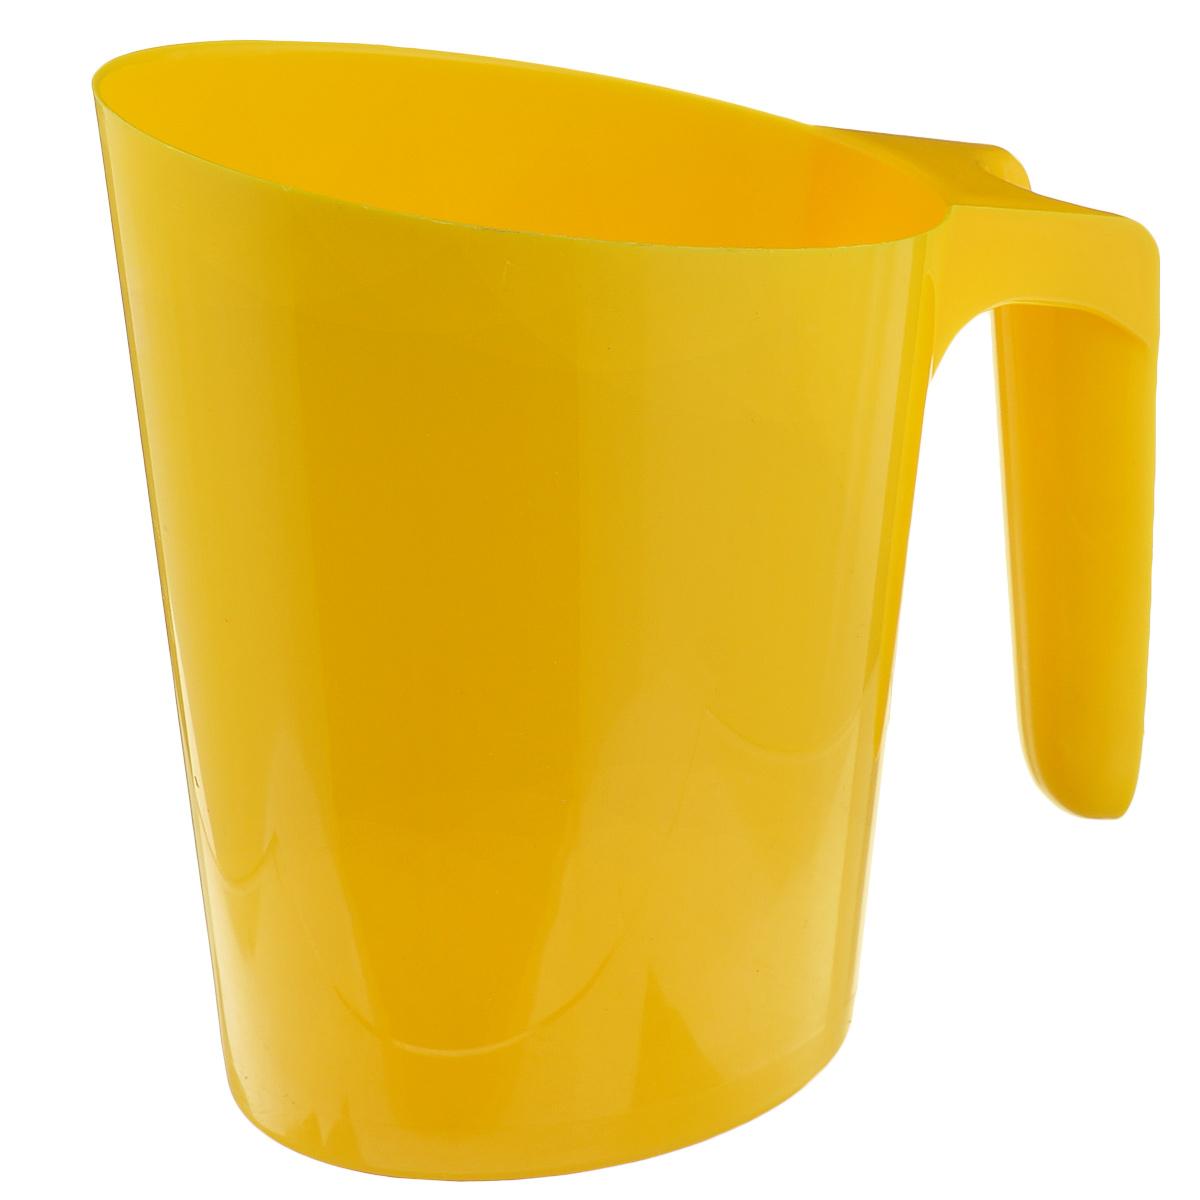 Кувшин для молочного пакета Idea, цвет: желтыйМ 1216Каждый сталкивался с проблемой неустойчивого молочного пакета. Громоздкие кастрюли занимают много места и неопрятно выглядят среди остальных продуктов. Кувшин Idea очень компактный, он позволит спокойно разместить остатки молока на полках или дверце холодильника. Кувшин надежен и устойчив, большое дно и широкая удобная ручка предотвратят опрокидывание. Вы так же сможете использовать его под компот, морс или сок. Кувшин Idea будет вашим надежным помощником в любой ситуации! Размер по верхнему краю: 13,5 см х 9 см. Высота: 17 см.